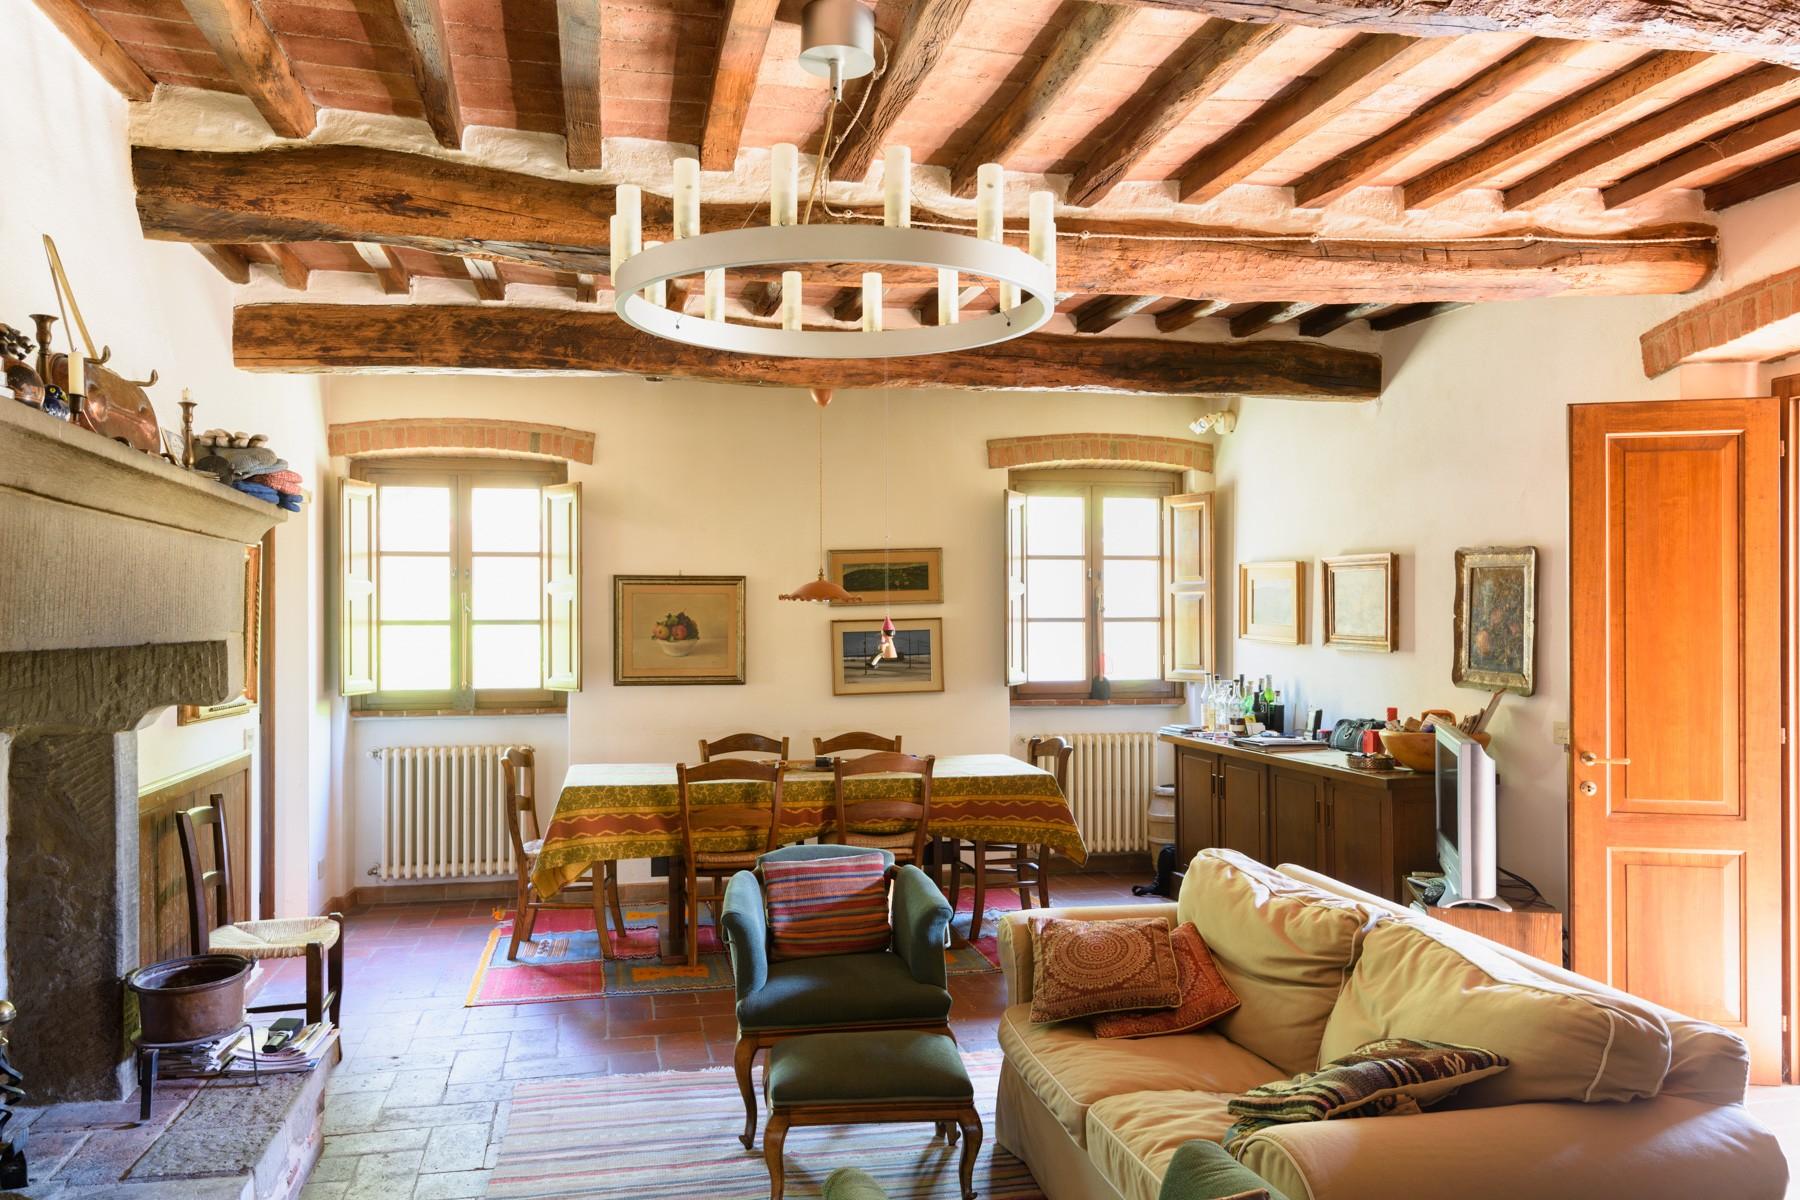 Rustico in Vendita a Monte San Savino: 5 locali, 266 mq - Foto 7